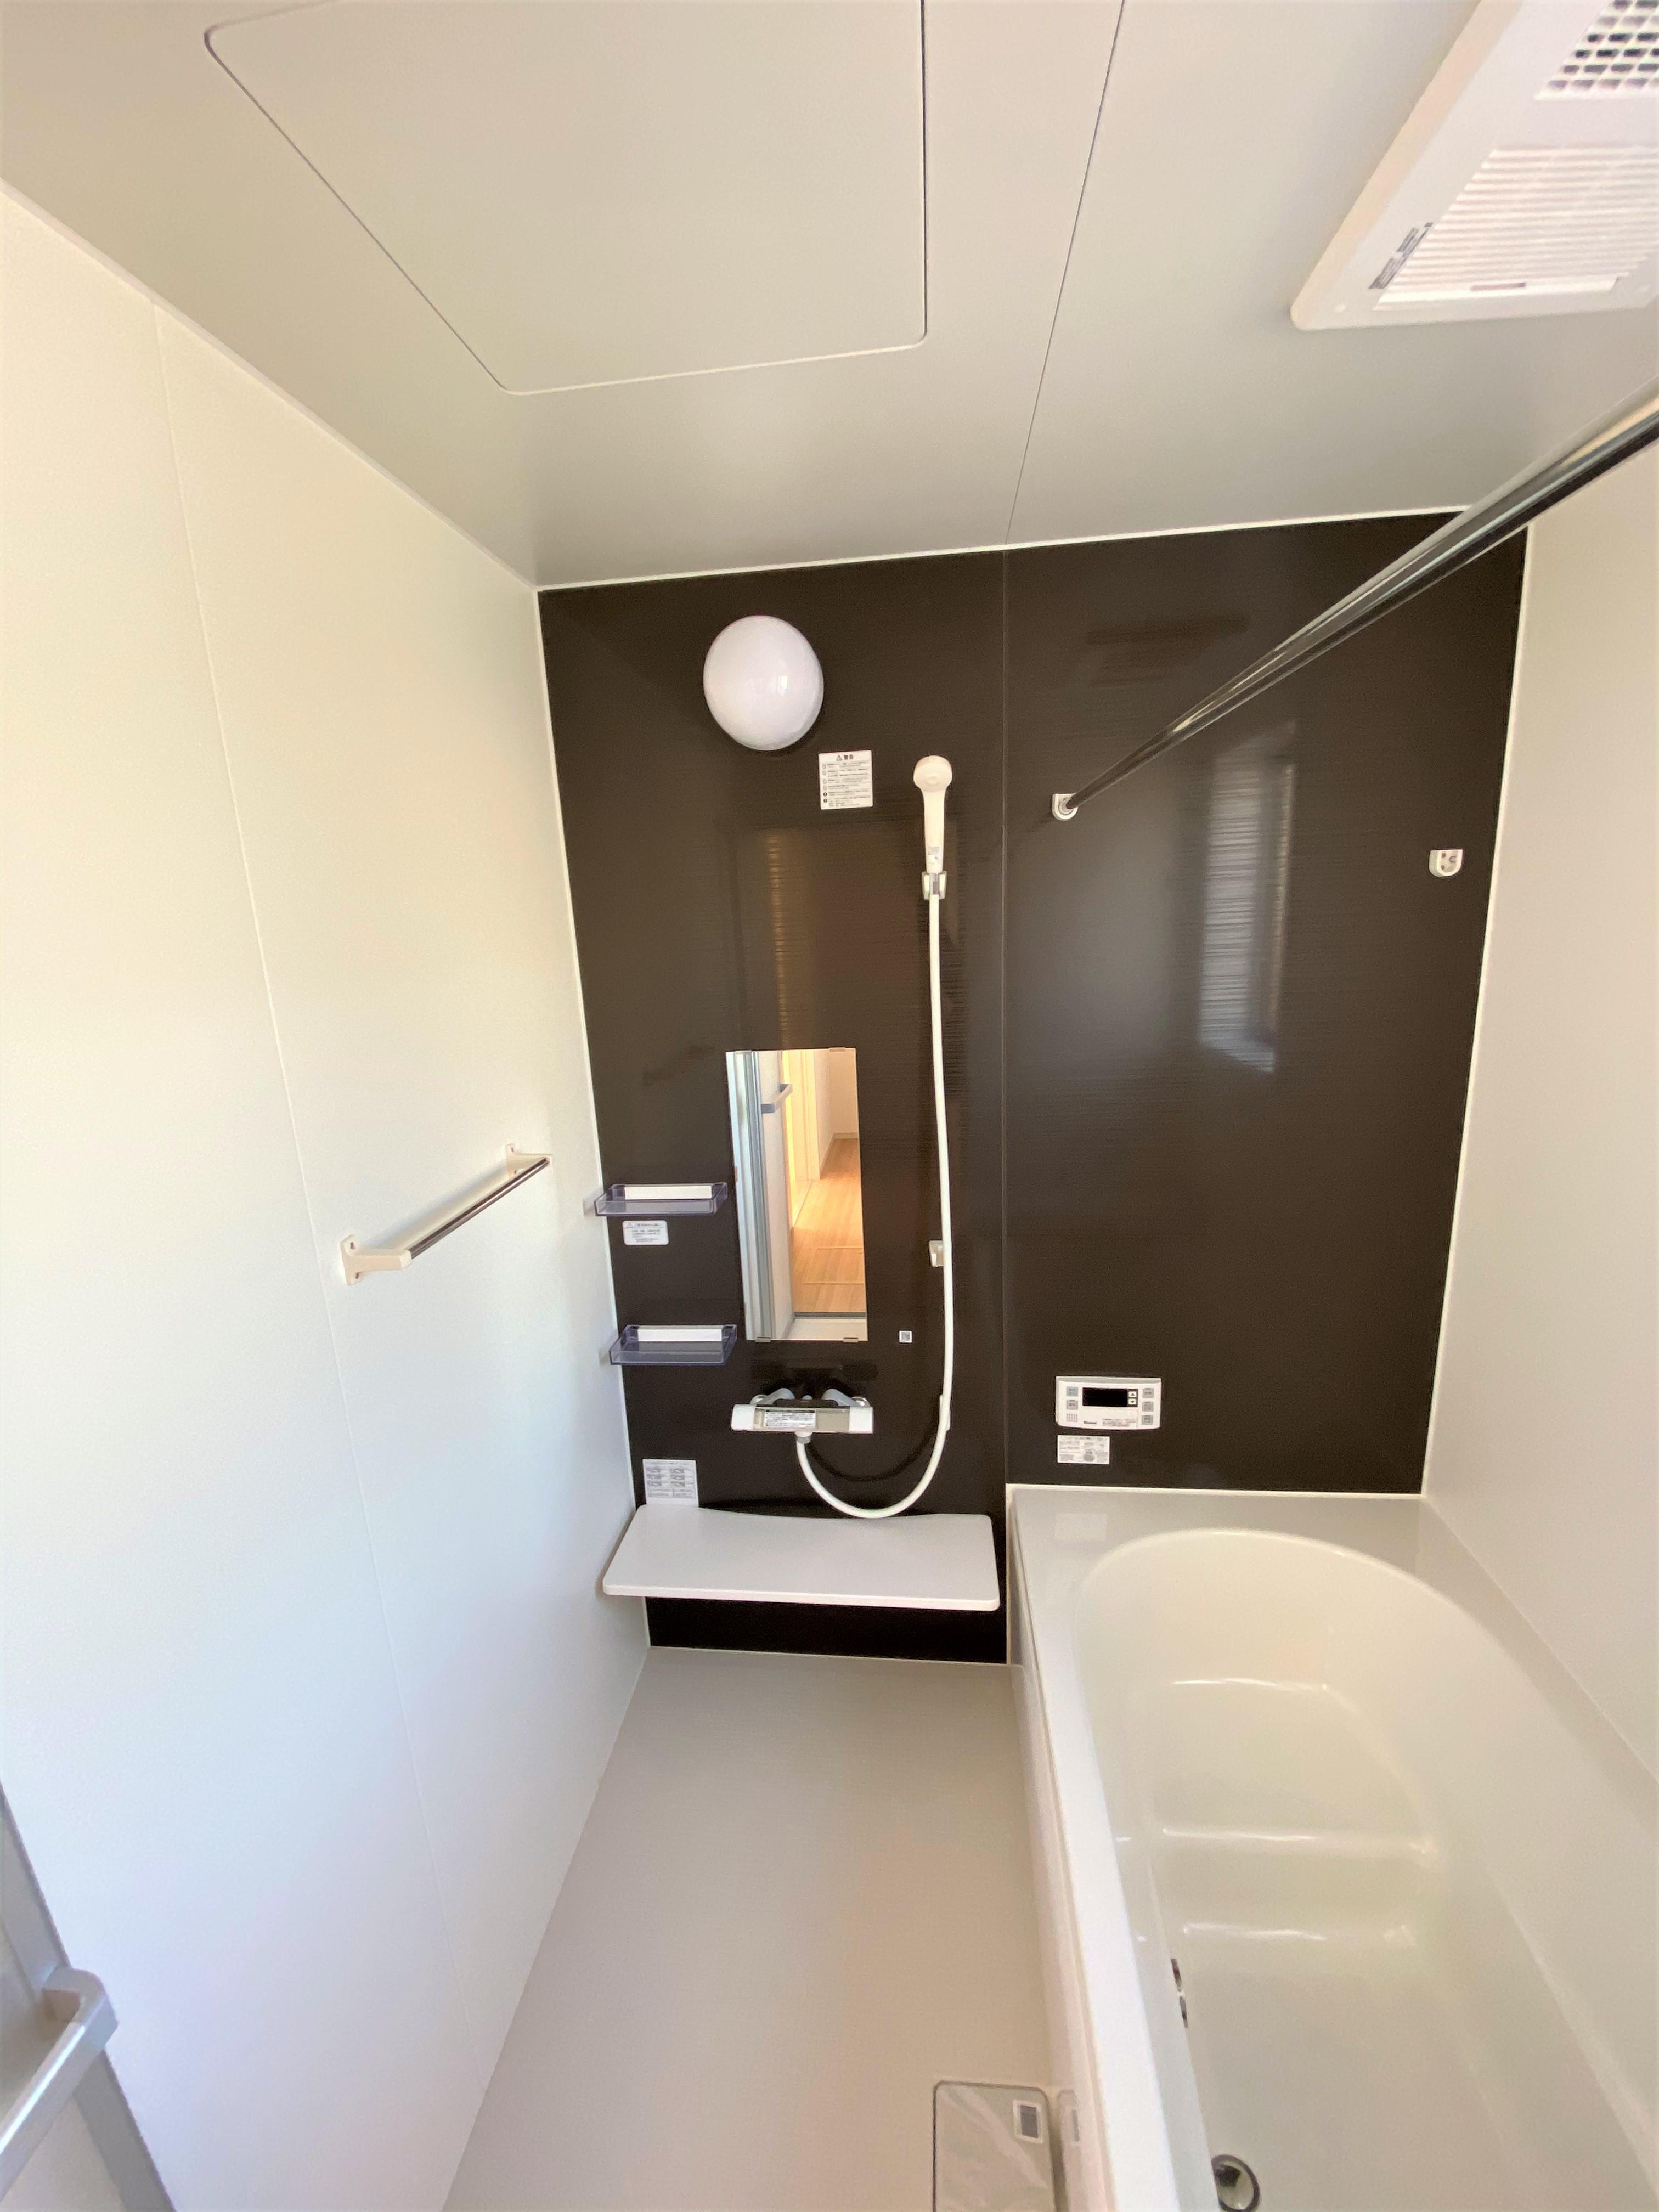 2号棟|お子様や年配の方にも負担のかからないデザインのエコベンチ浴槽と浴室暖房換気乾燥機付きです。毎日の疲れを洗い流すバスルームは心地よいリラクゼーション空間です。